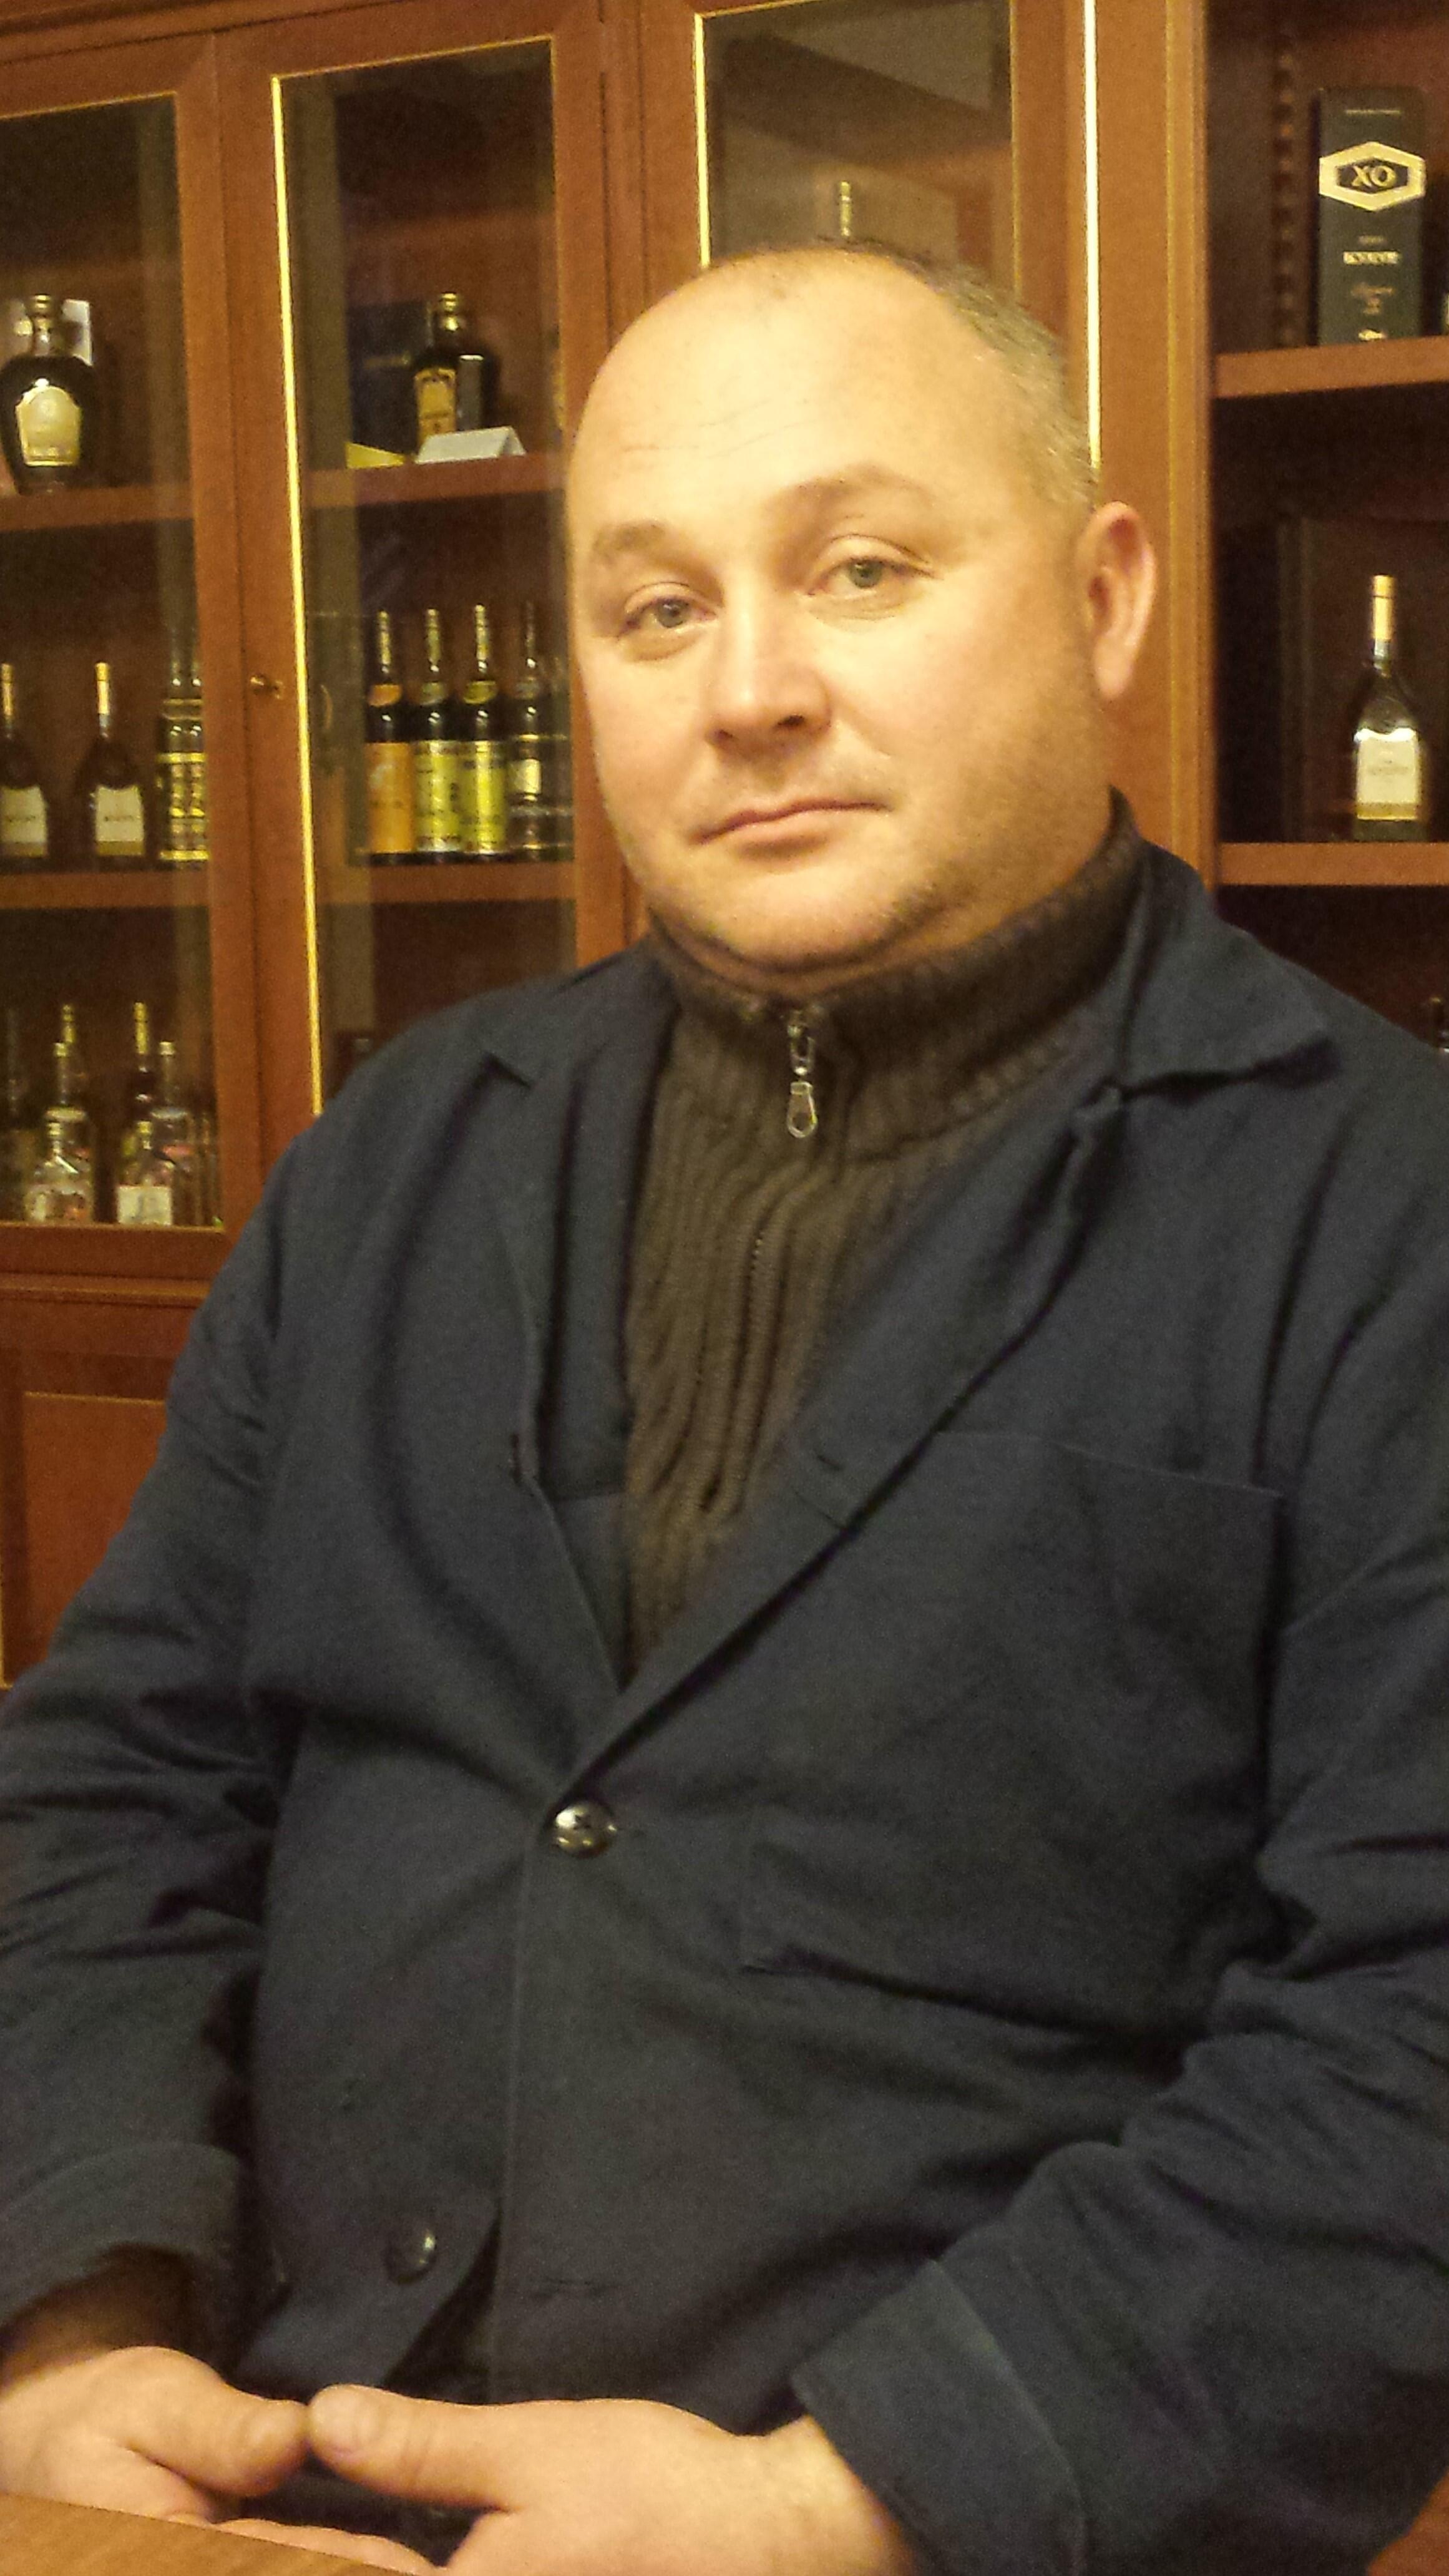 Владимир Чеботаренко, сотрудник винно-коньячного завода «КВИНТ».